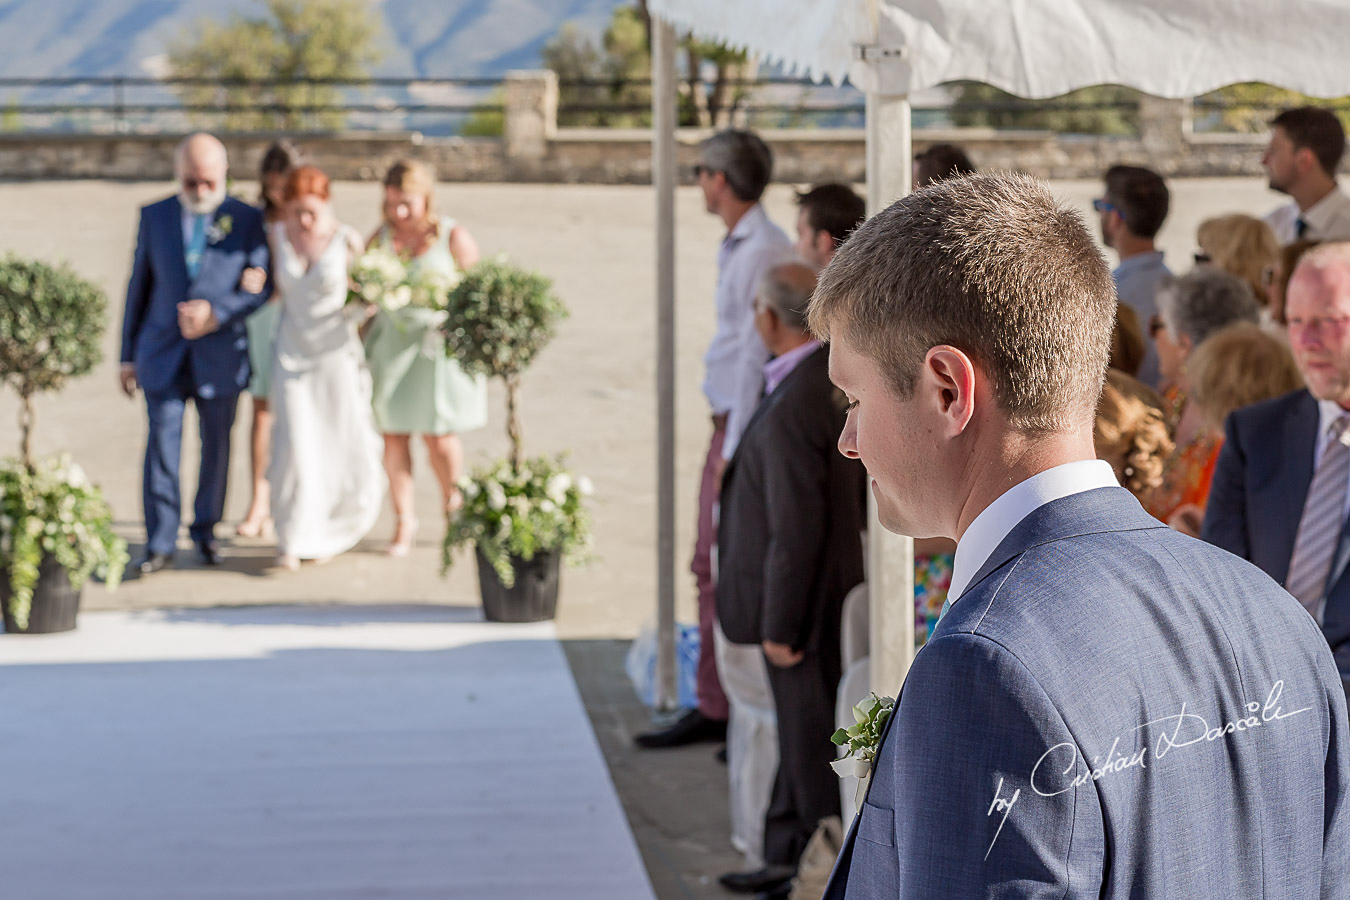 Wedding Celebration at Apokryfo - 36